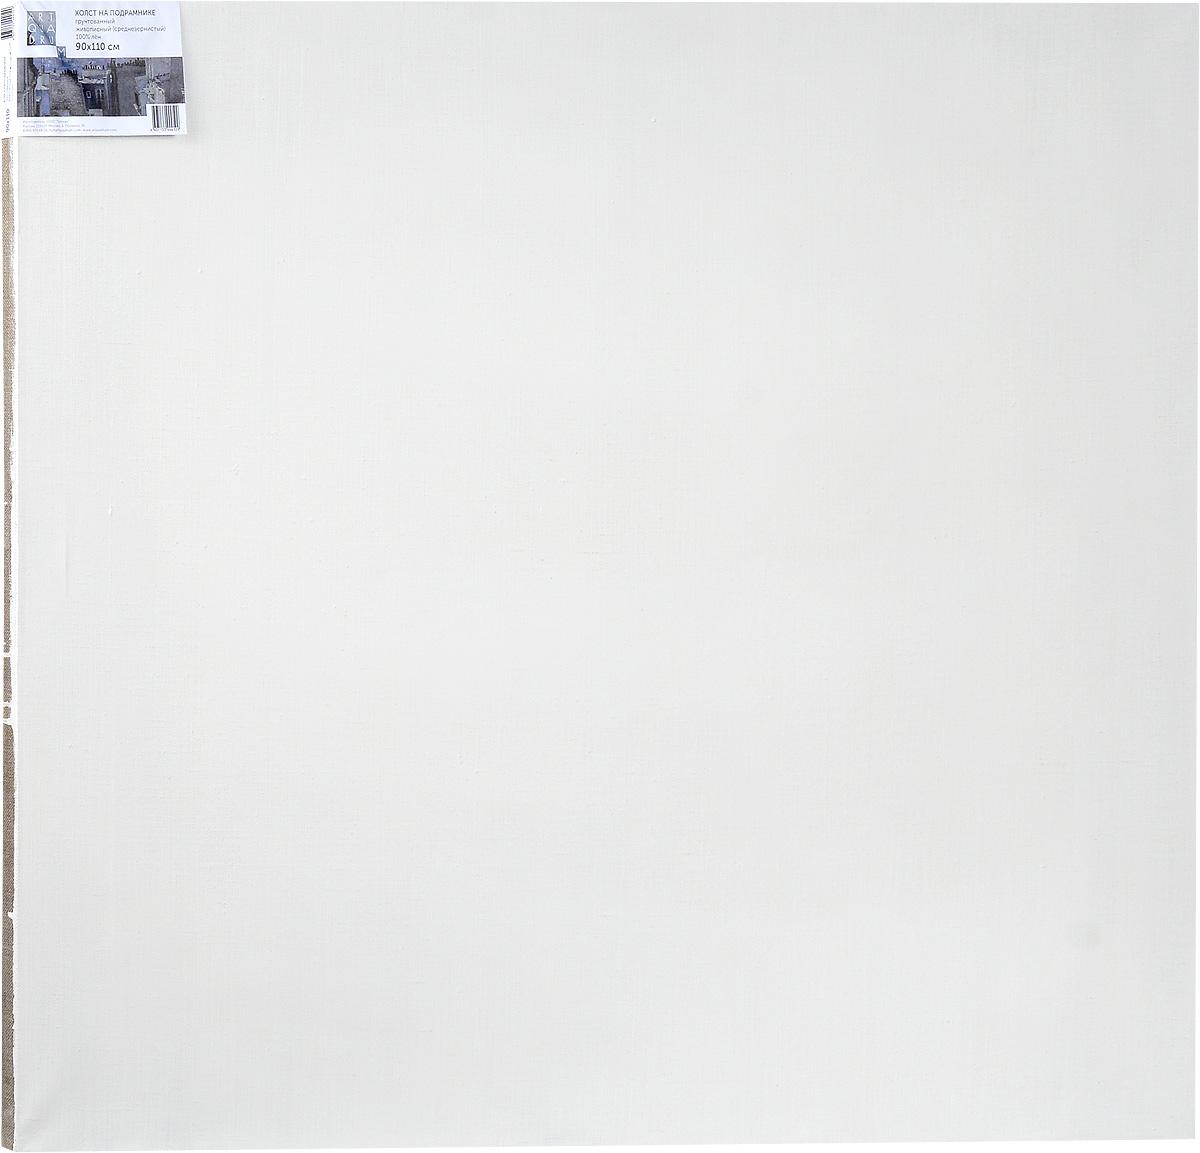 Холст ArtQuaDram Живописный на подрамнике, среднезернистый, грунтованный, 90 х 110 смТ0005810Холст на деревянном подрамнике ArtQuaDram Живописный изготовлен из 100% натурального льна. Подходит для профессионалов и художников. Холст не трескается, не впитывает слишком много краски, цвет краски и качество не изменяются. Холст идеально подходит для масляной и акриловой живописи.